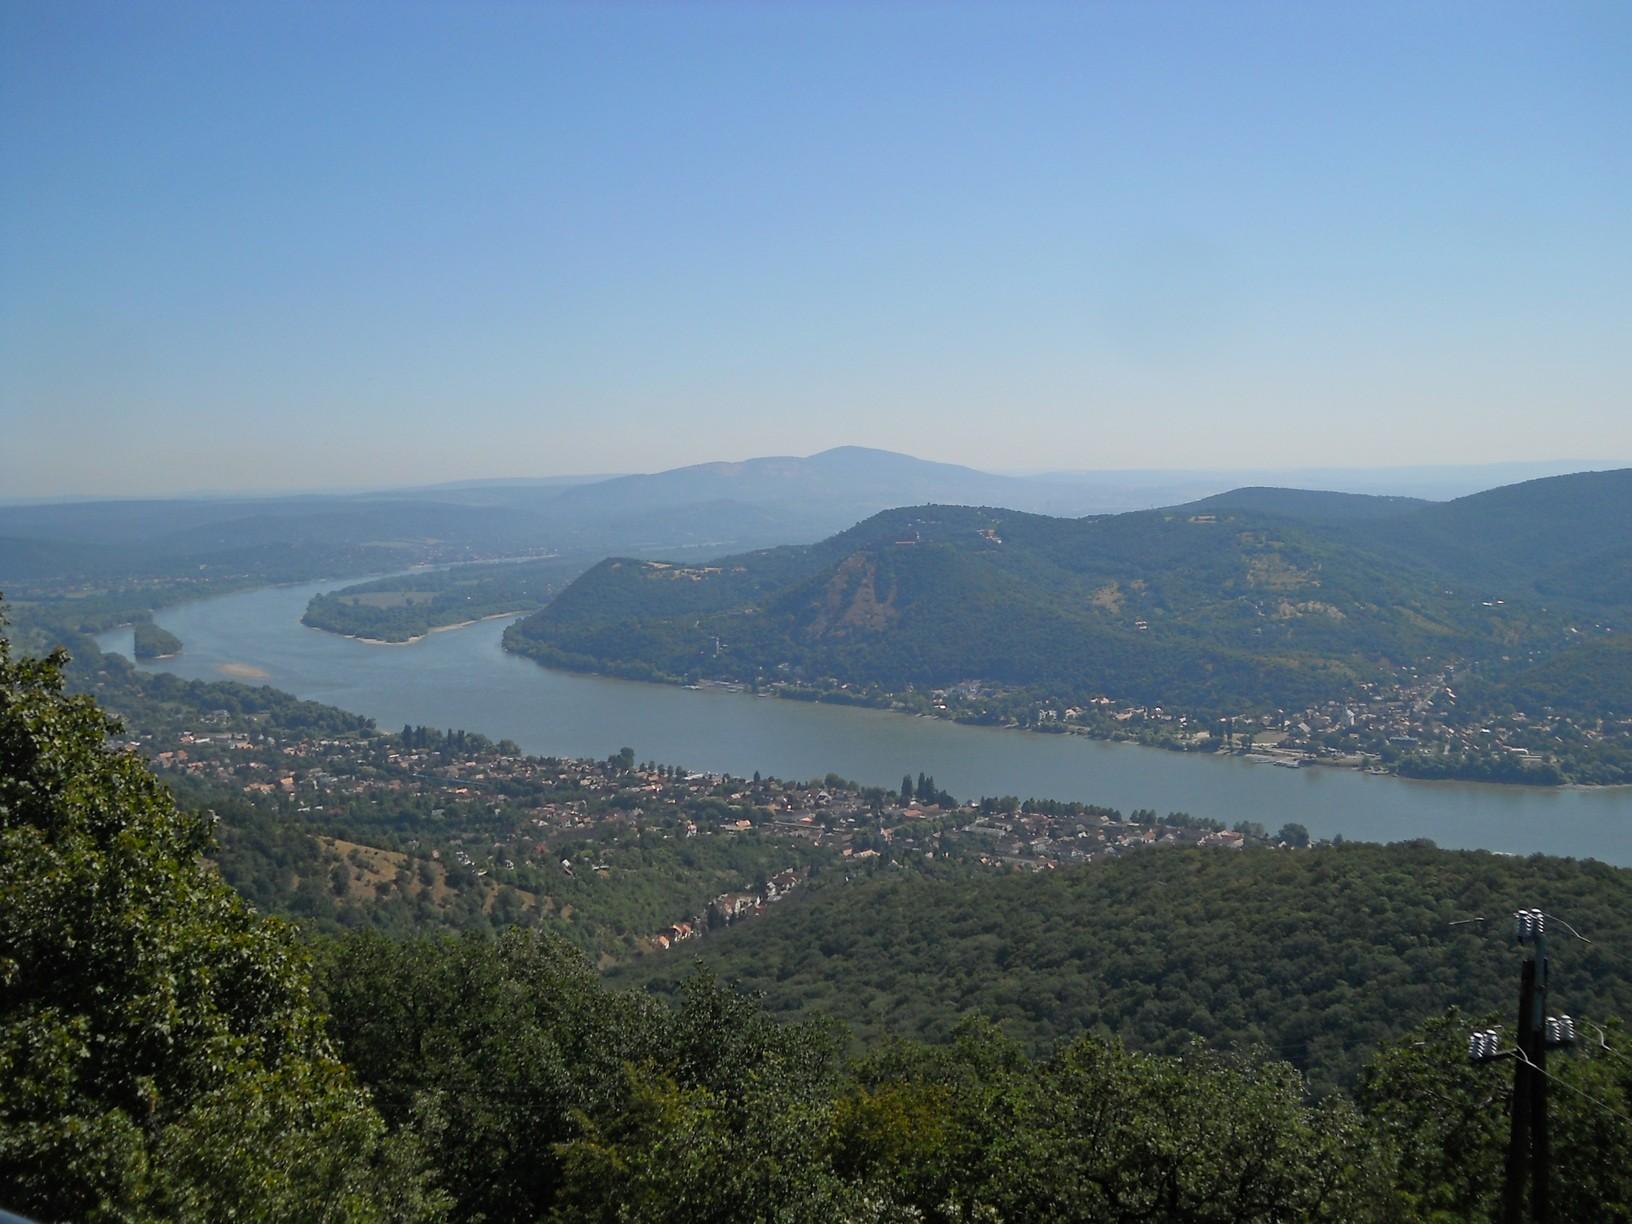 Csodálatos panoráma a Julianus-kilátóból: alattunk Nagymaros, balra a Szentendrei-sziget csúcsa, háttérben a Naszály, a túlsó oldalon Visegrád és a Fellegvár